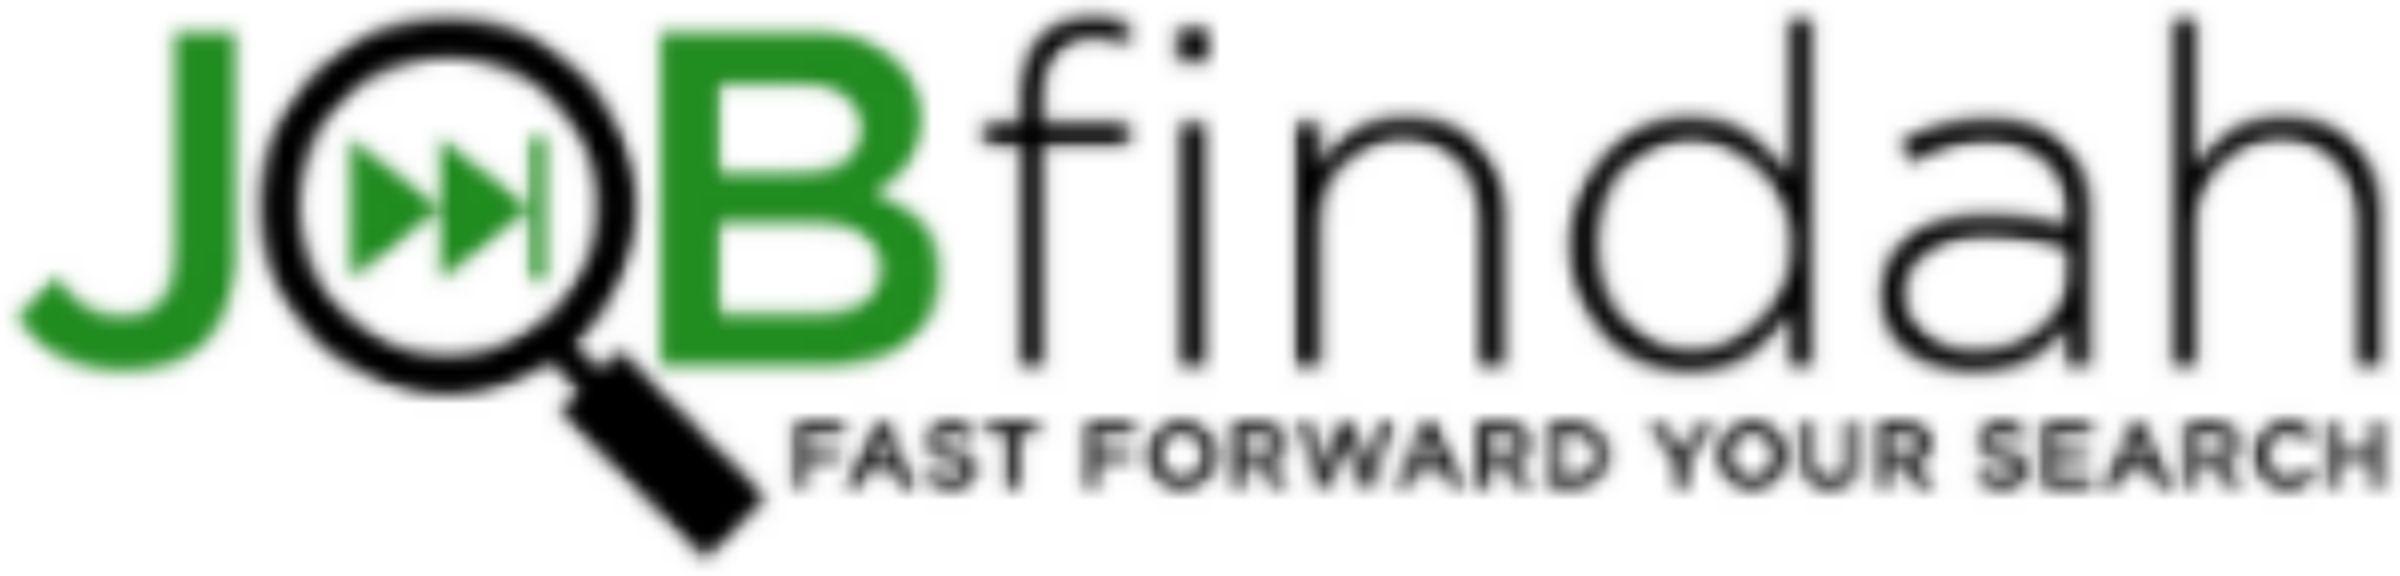 Jobfindah Network